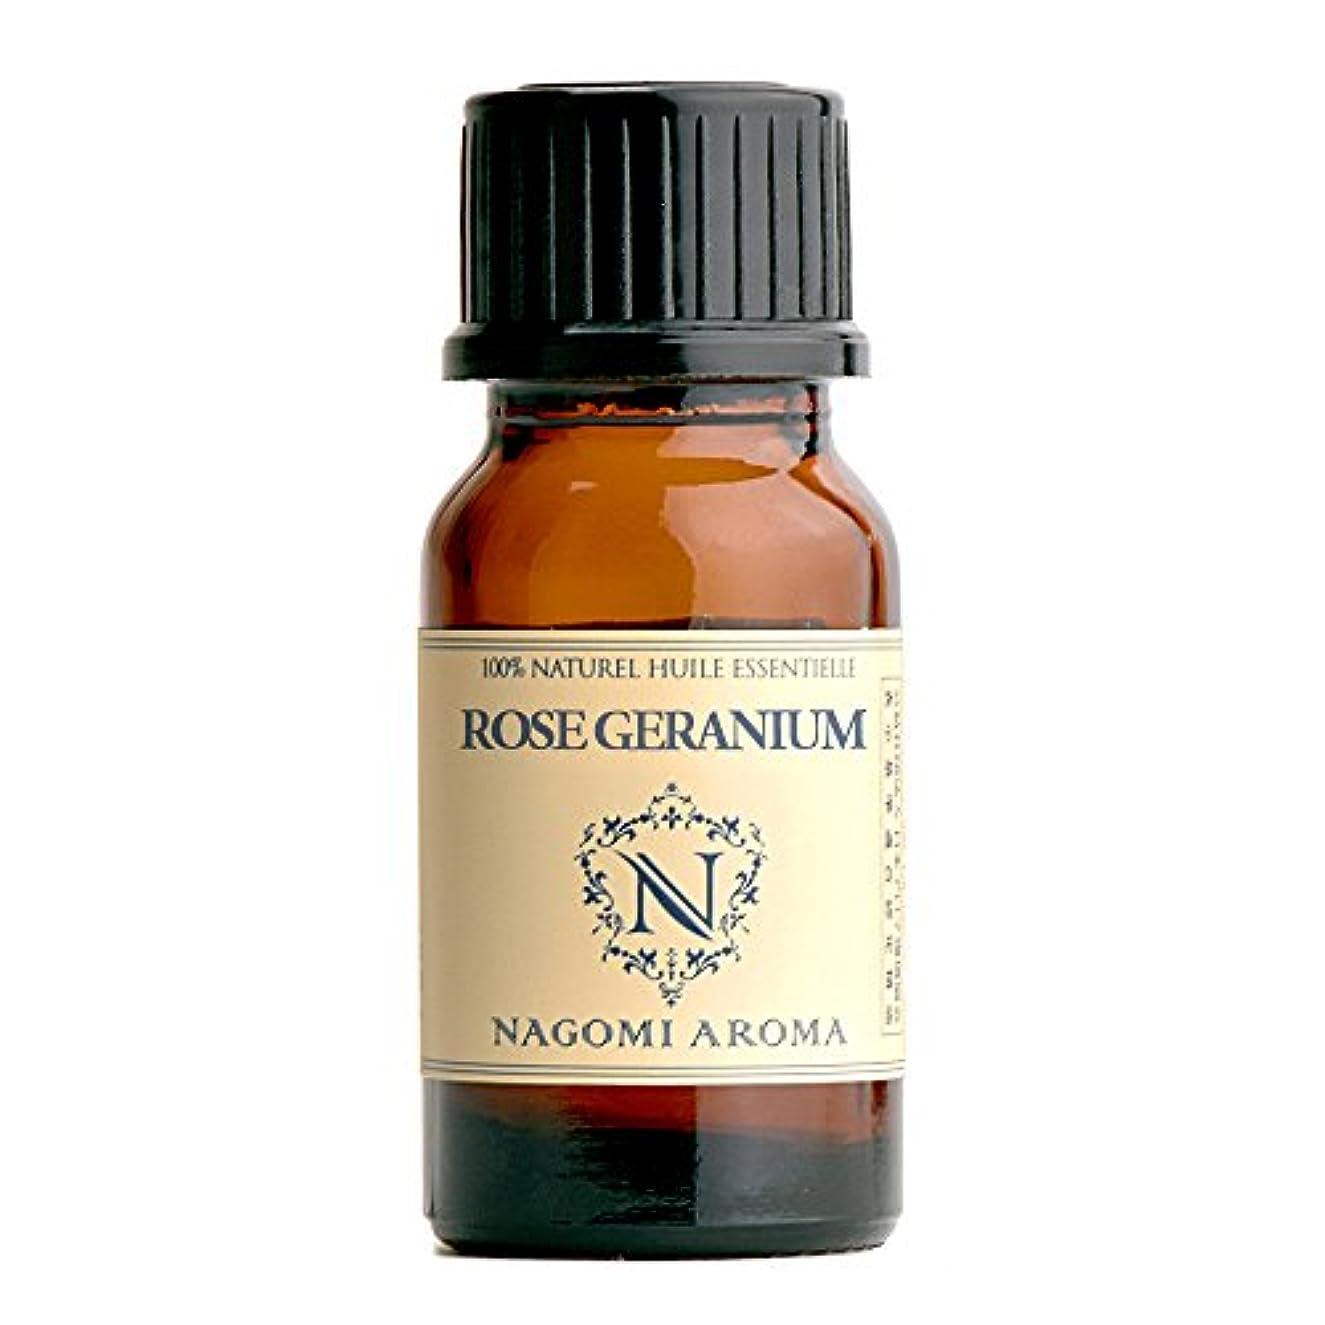 経歴遺伝子タイムリーなNAGOMI AROMA ローズゼラニウム 10ml 【AEAJ認定精油】【アロマオイル】